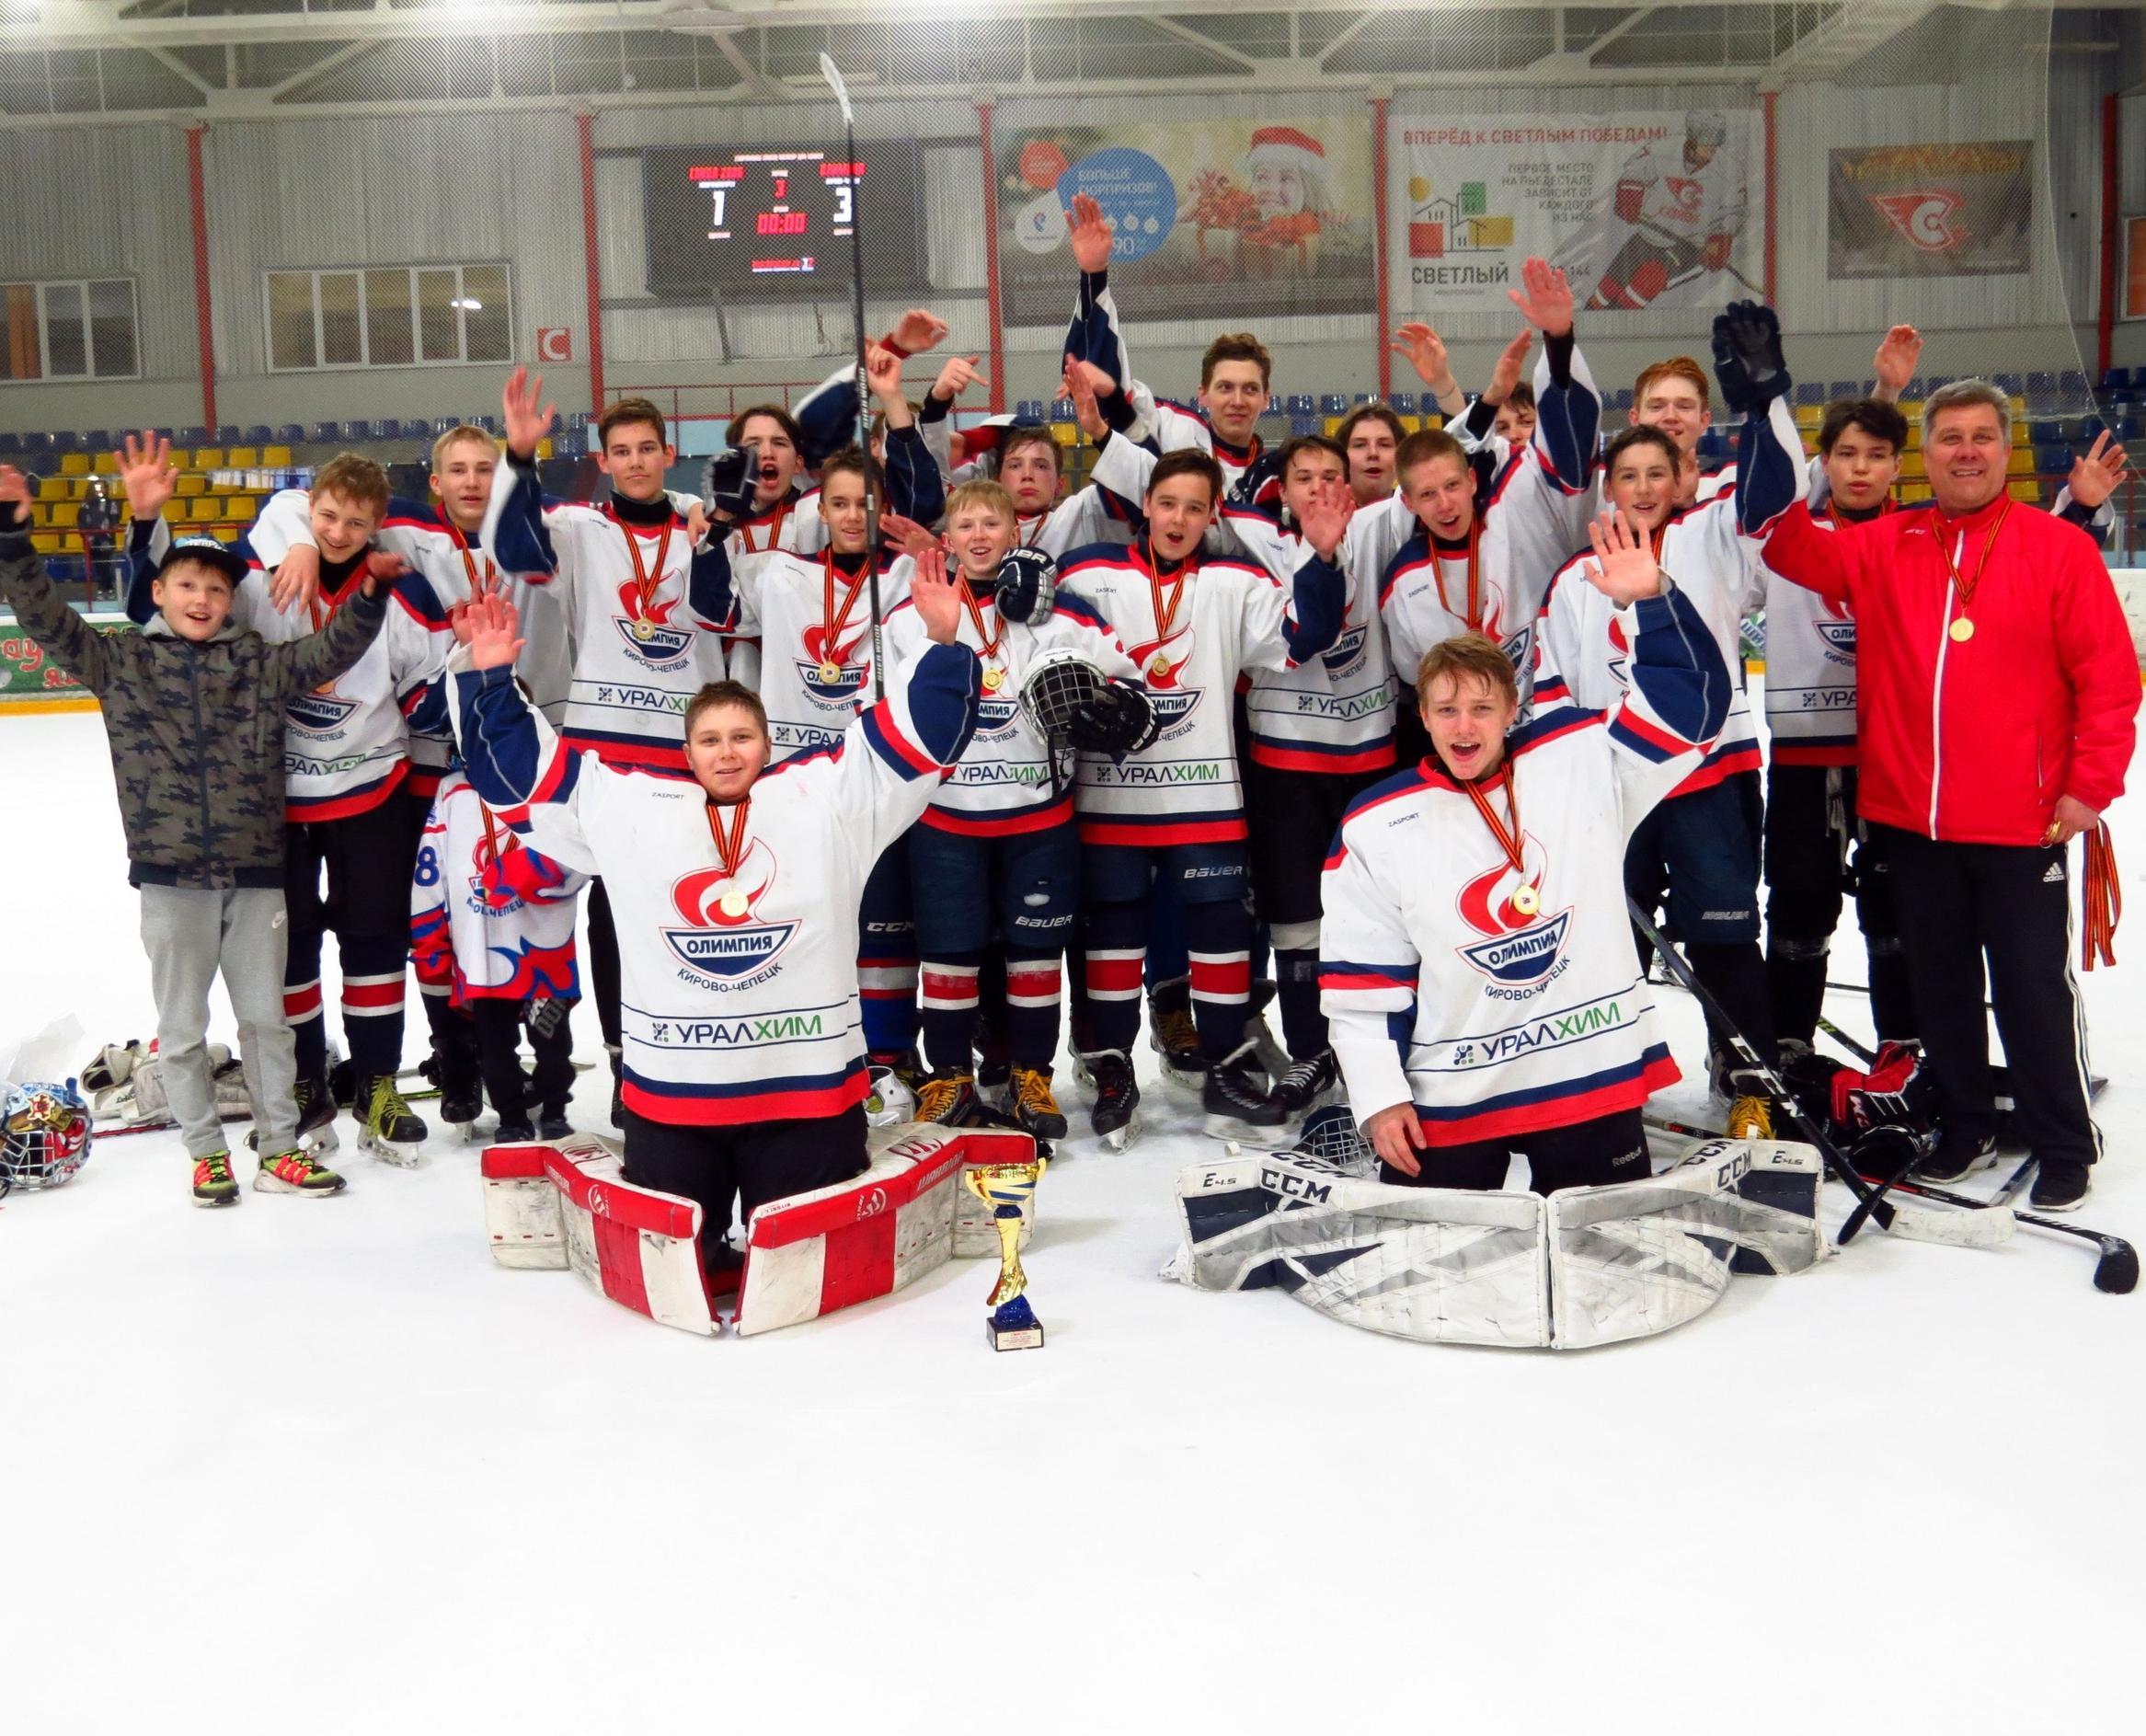 Юные хоккеисты из Чепецка выиграли кубок новочебоксарского хоккейного турнира